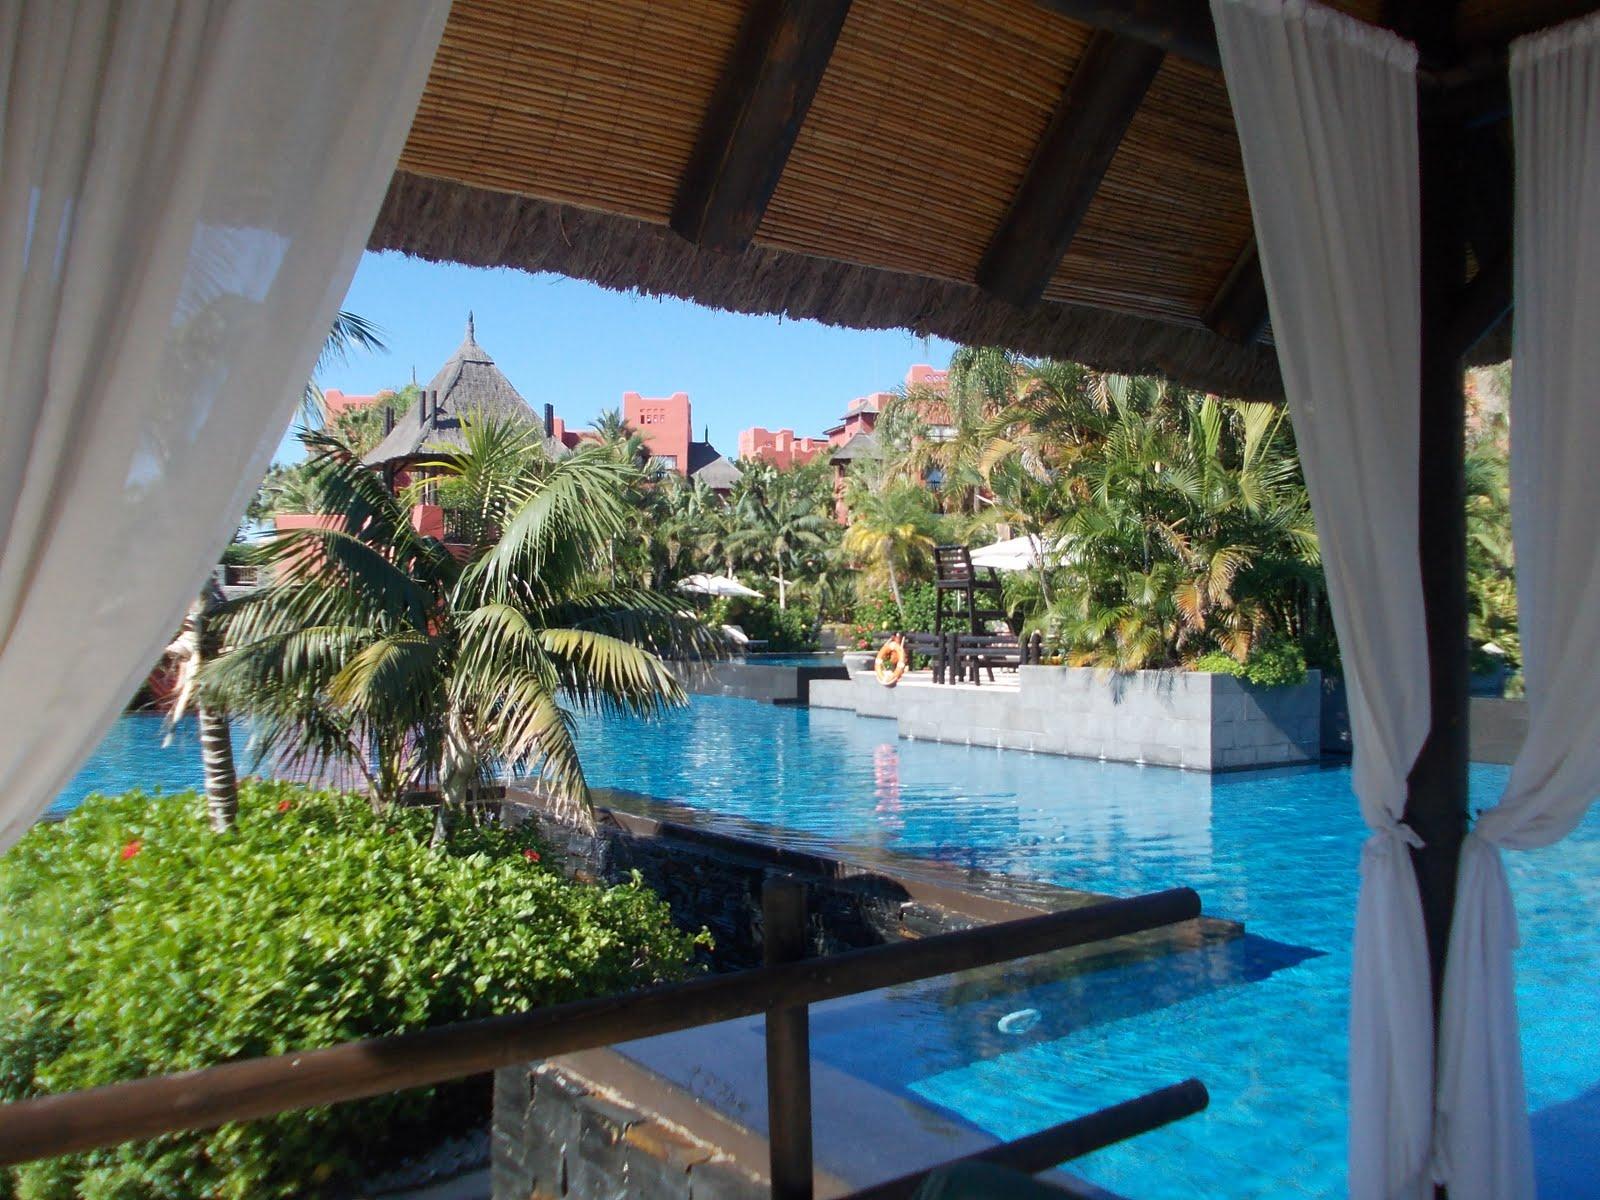 Bivestour viajes hoteles con encanto para tus vacaciones - Hotel en ronda con encanto ...